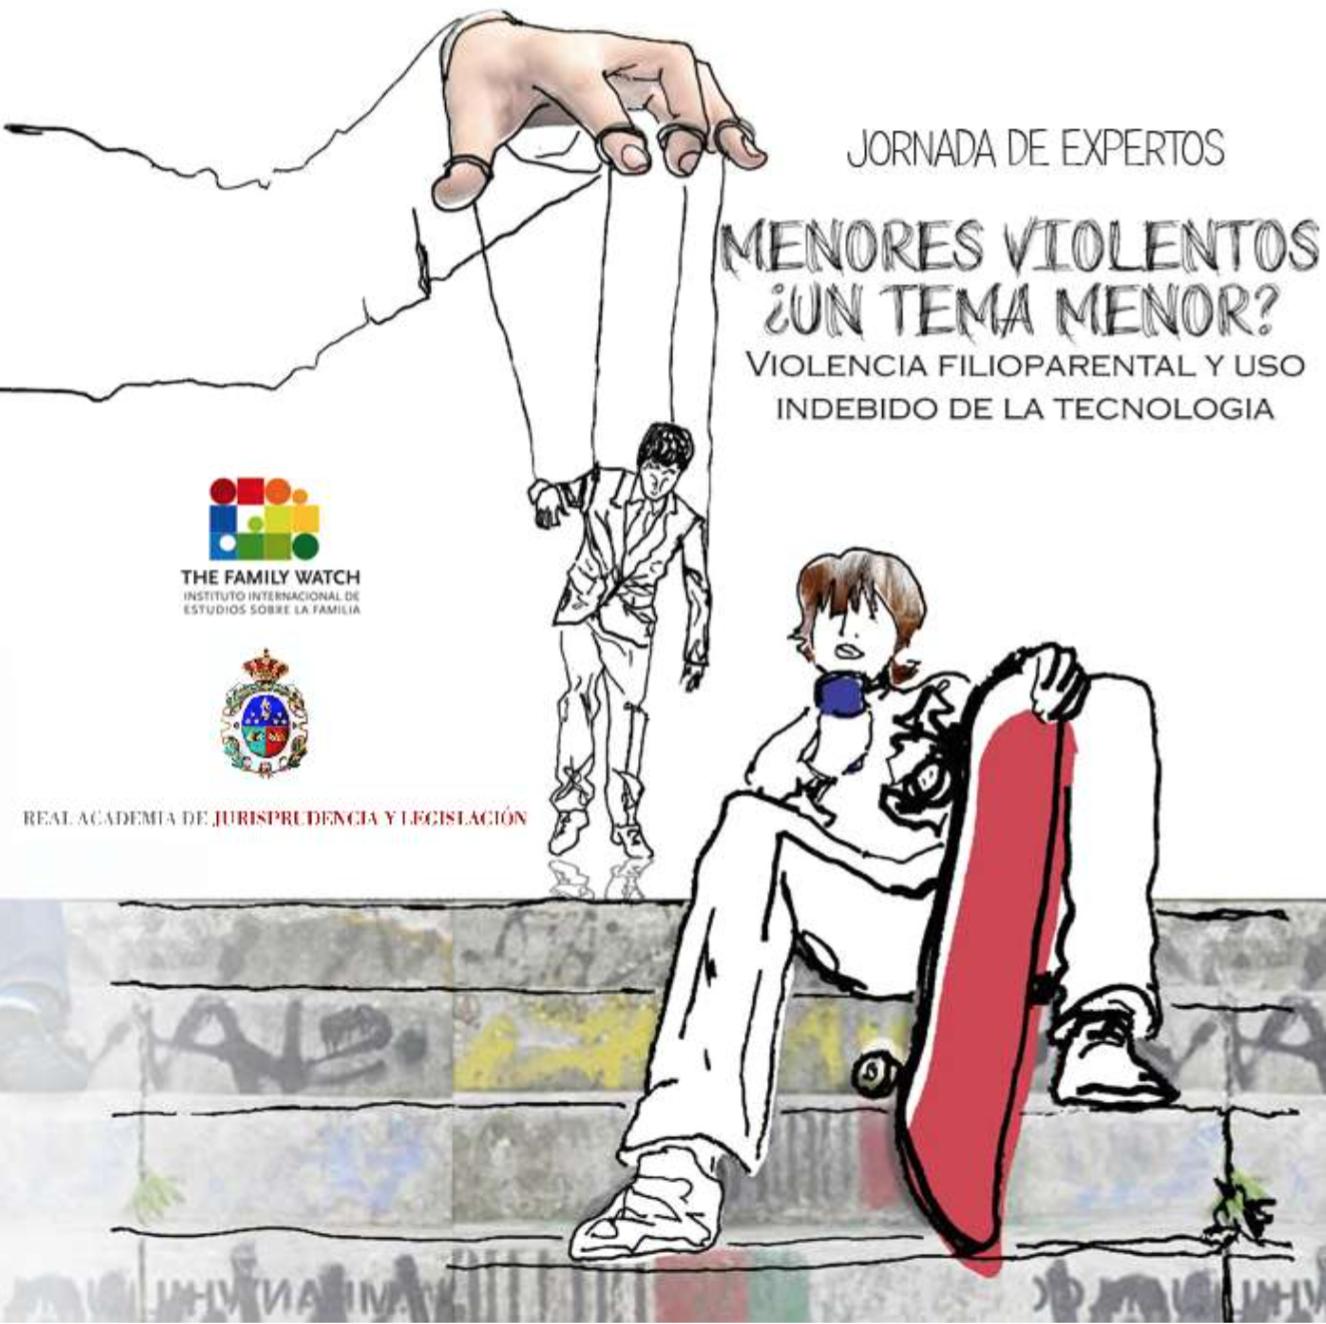 Jornada de Expertos: Violencia filioparental y uso indebido de la nueva tecnología